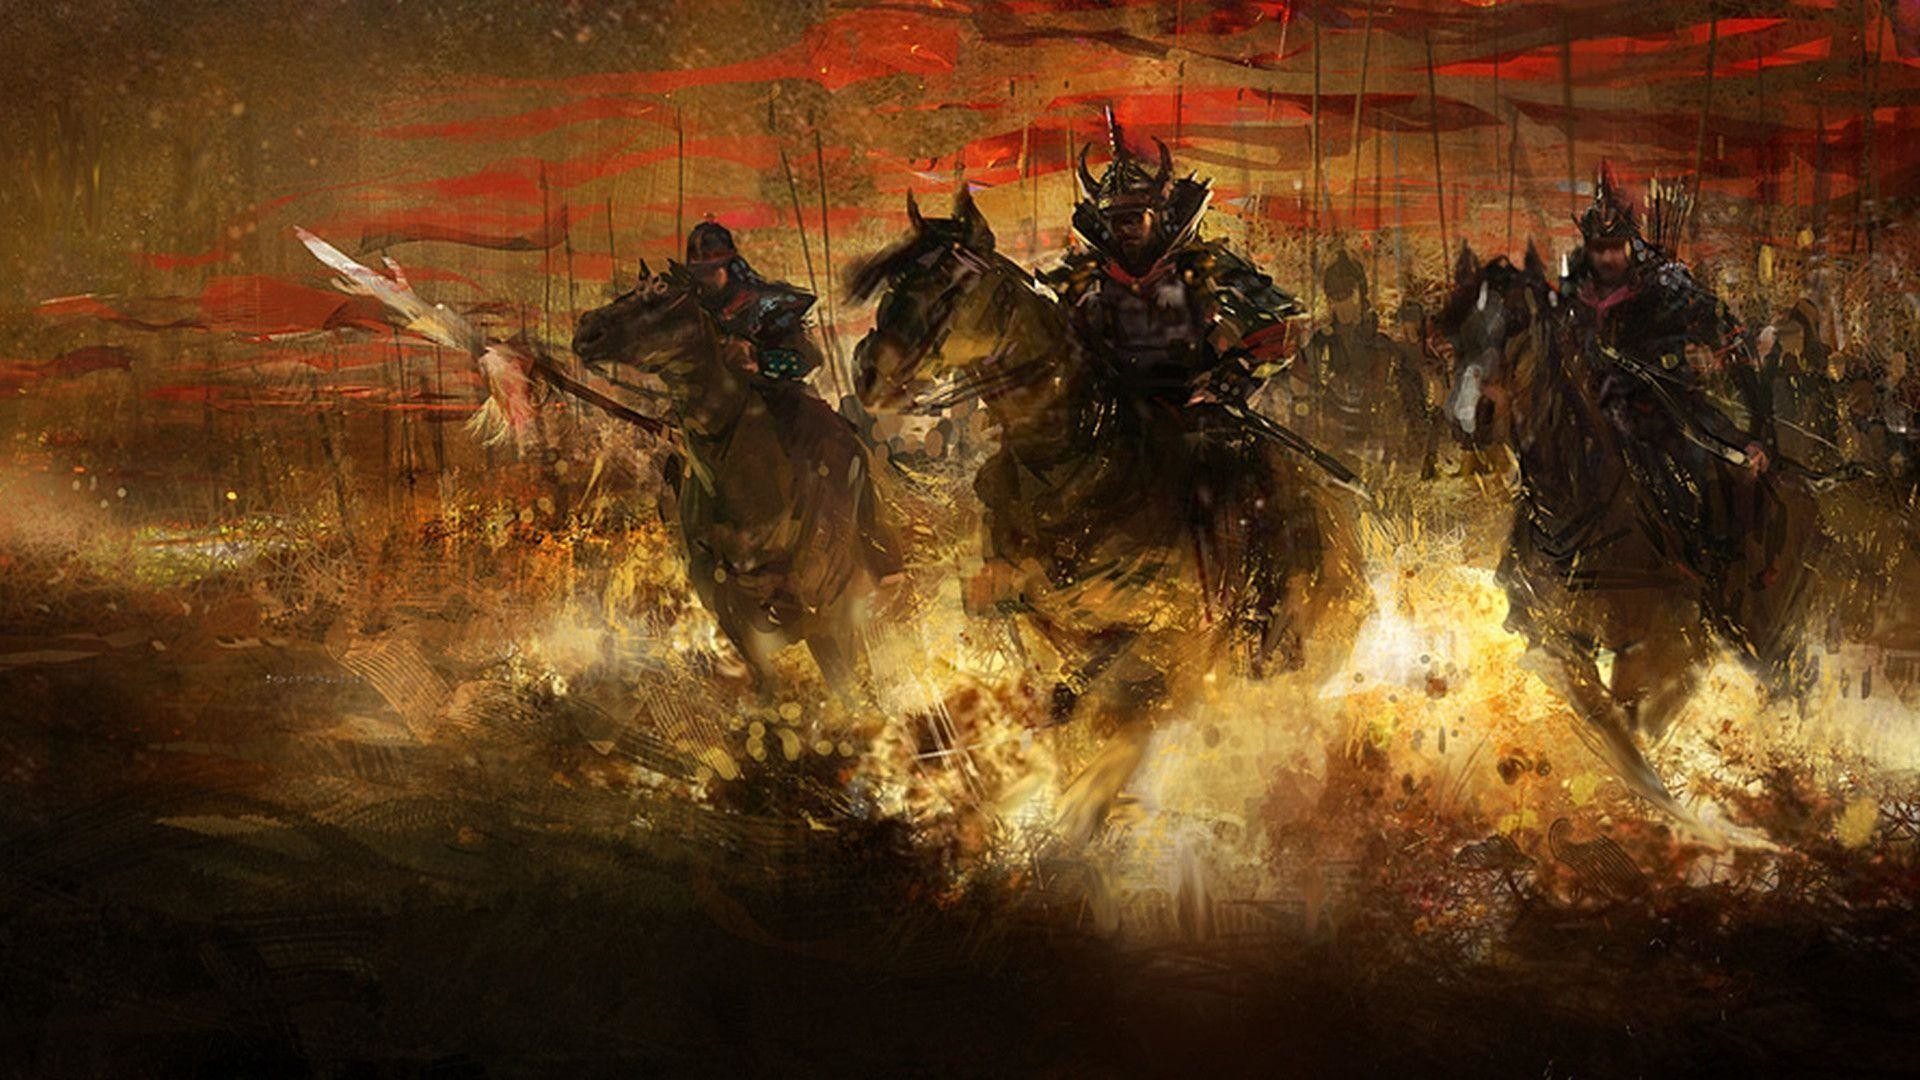 90 Samurai Wallpapers | Samurai Backgrounds